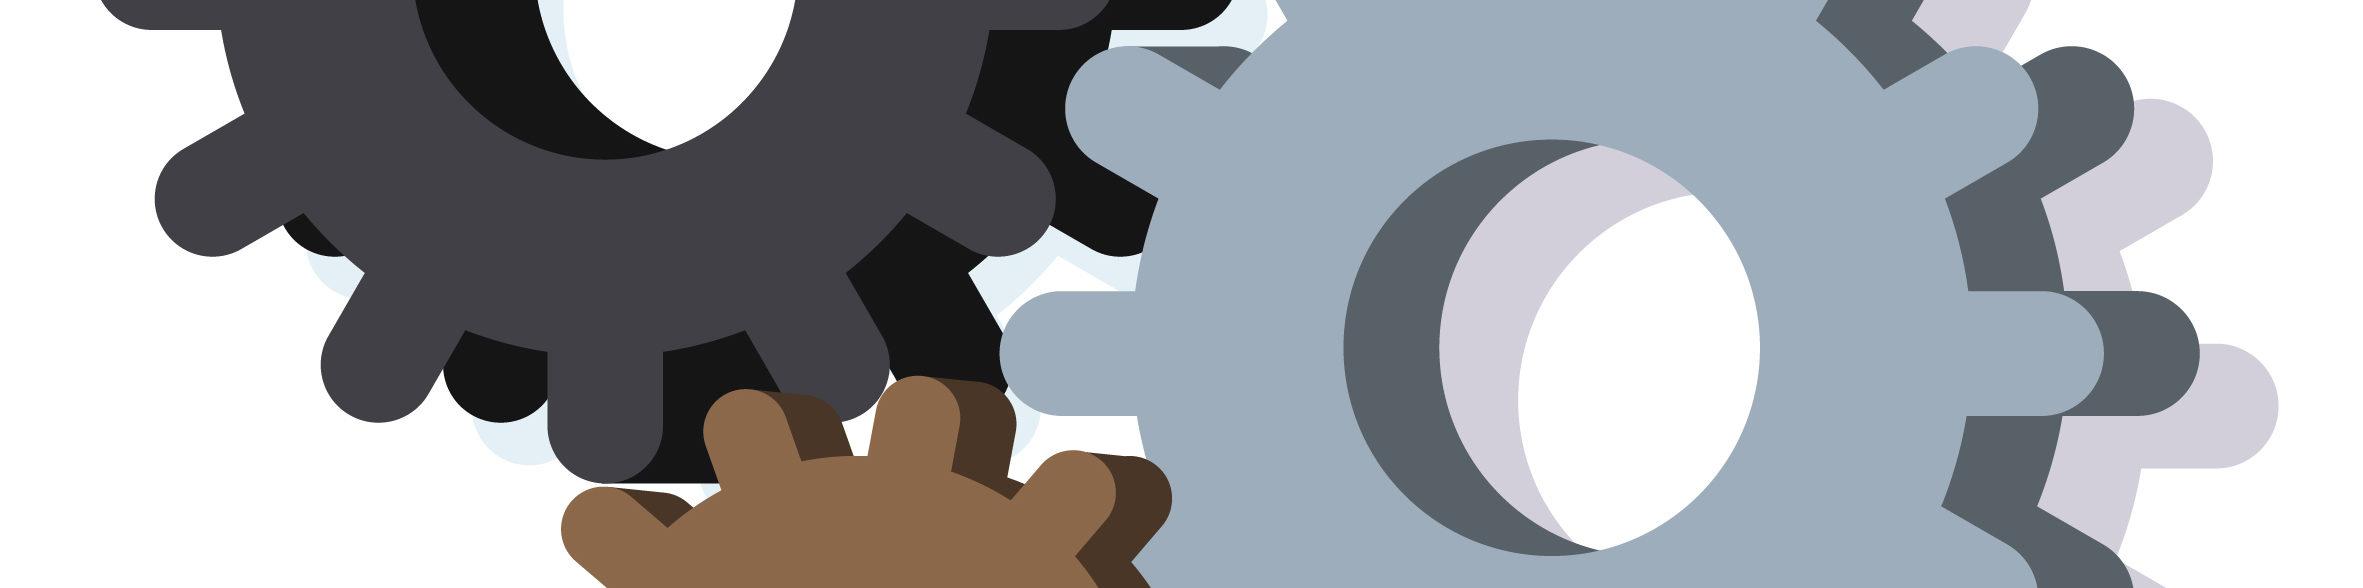 cropped-Logo-Efficacité-familiale.jpg